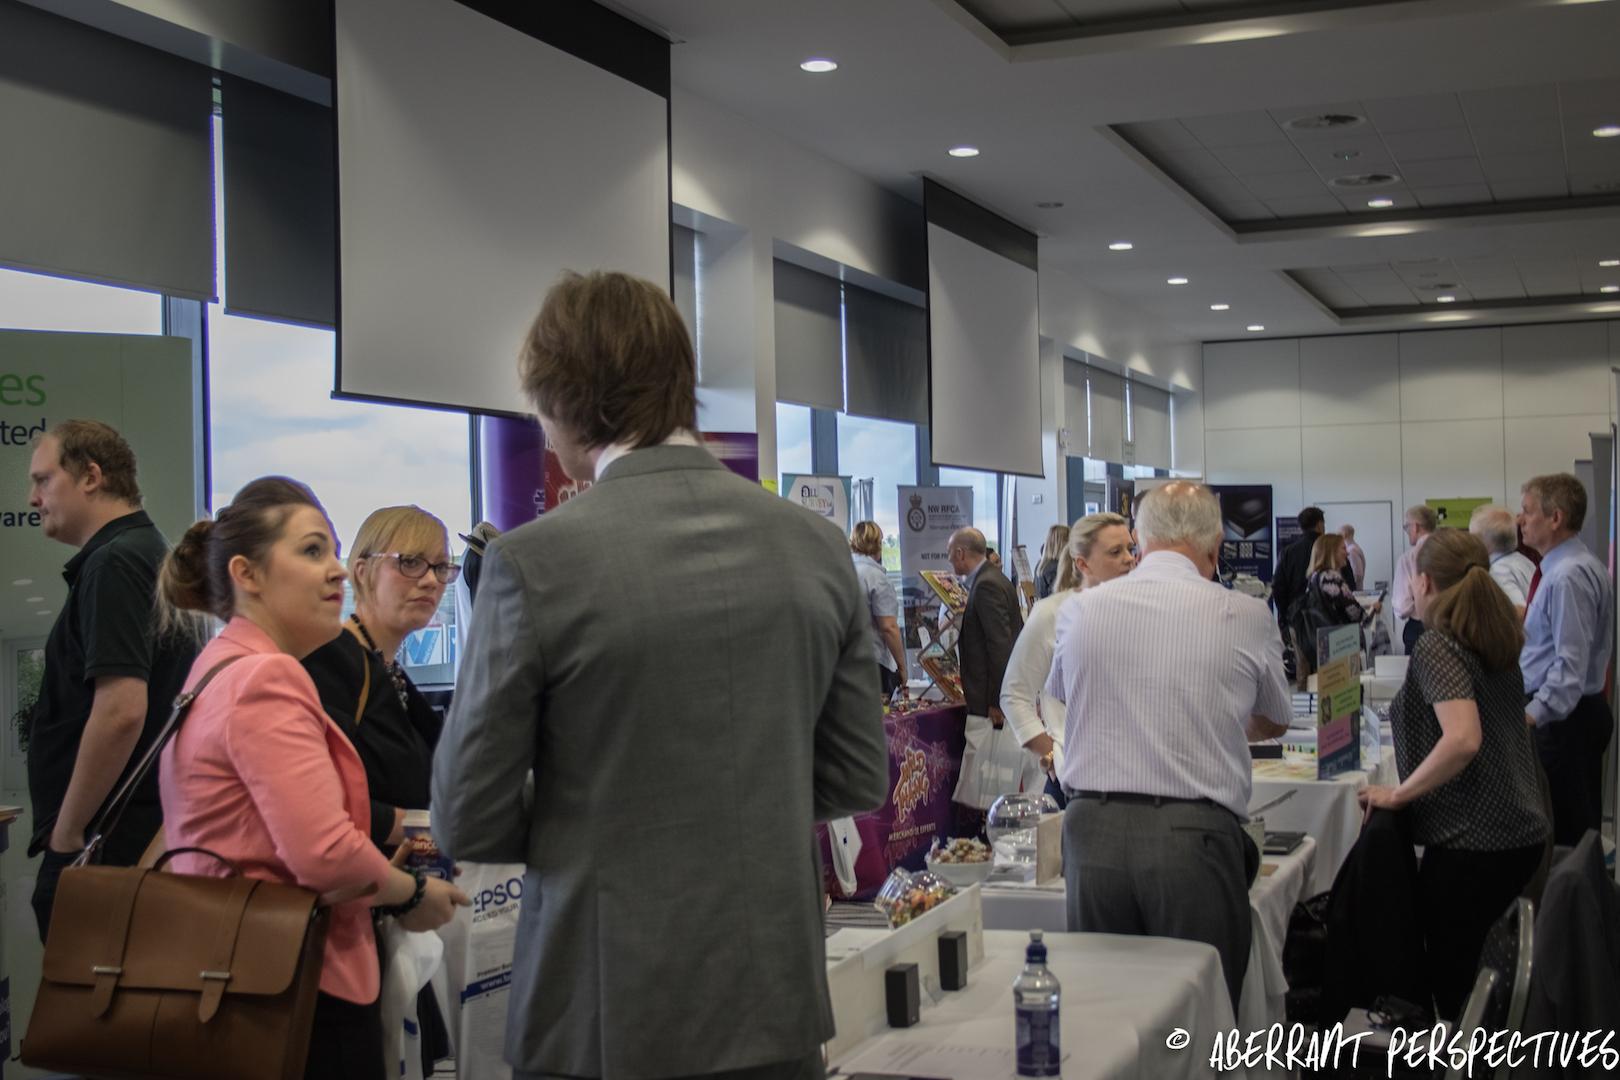 ManchesterBizFair-Exhibition-photo